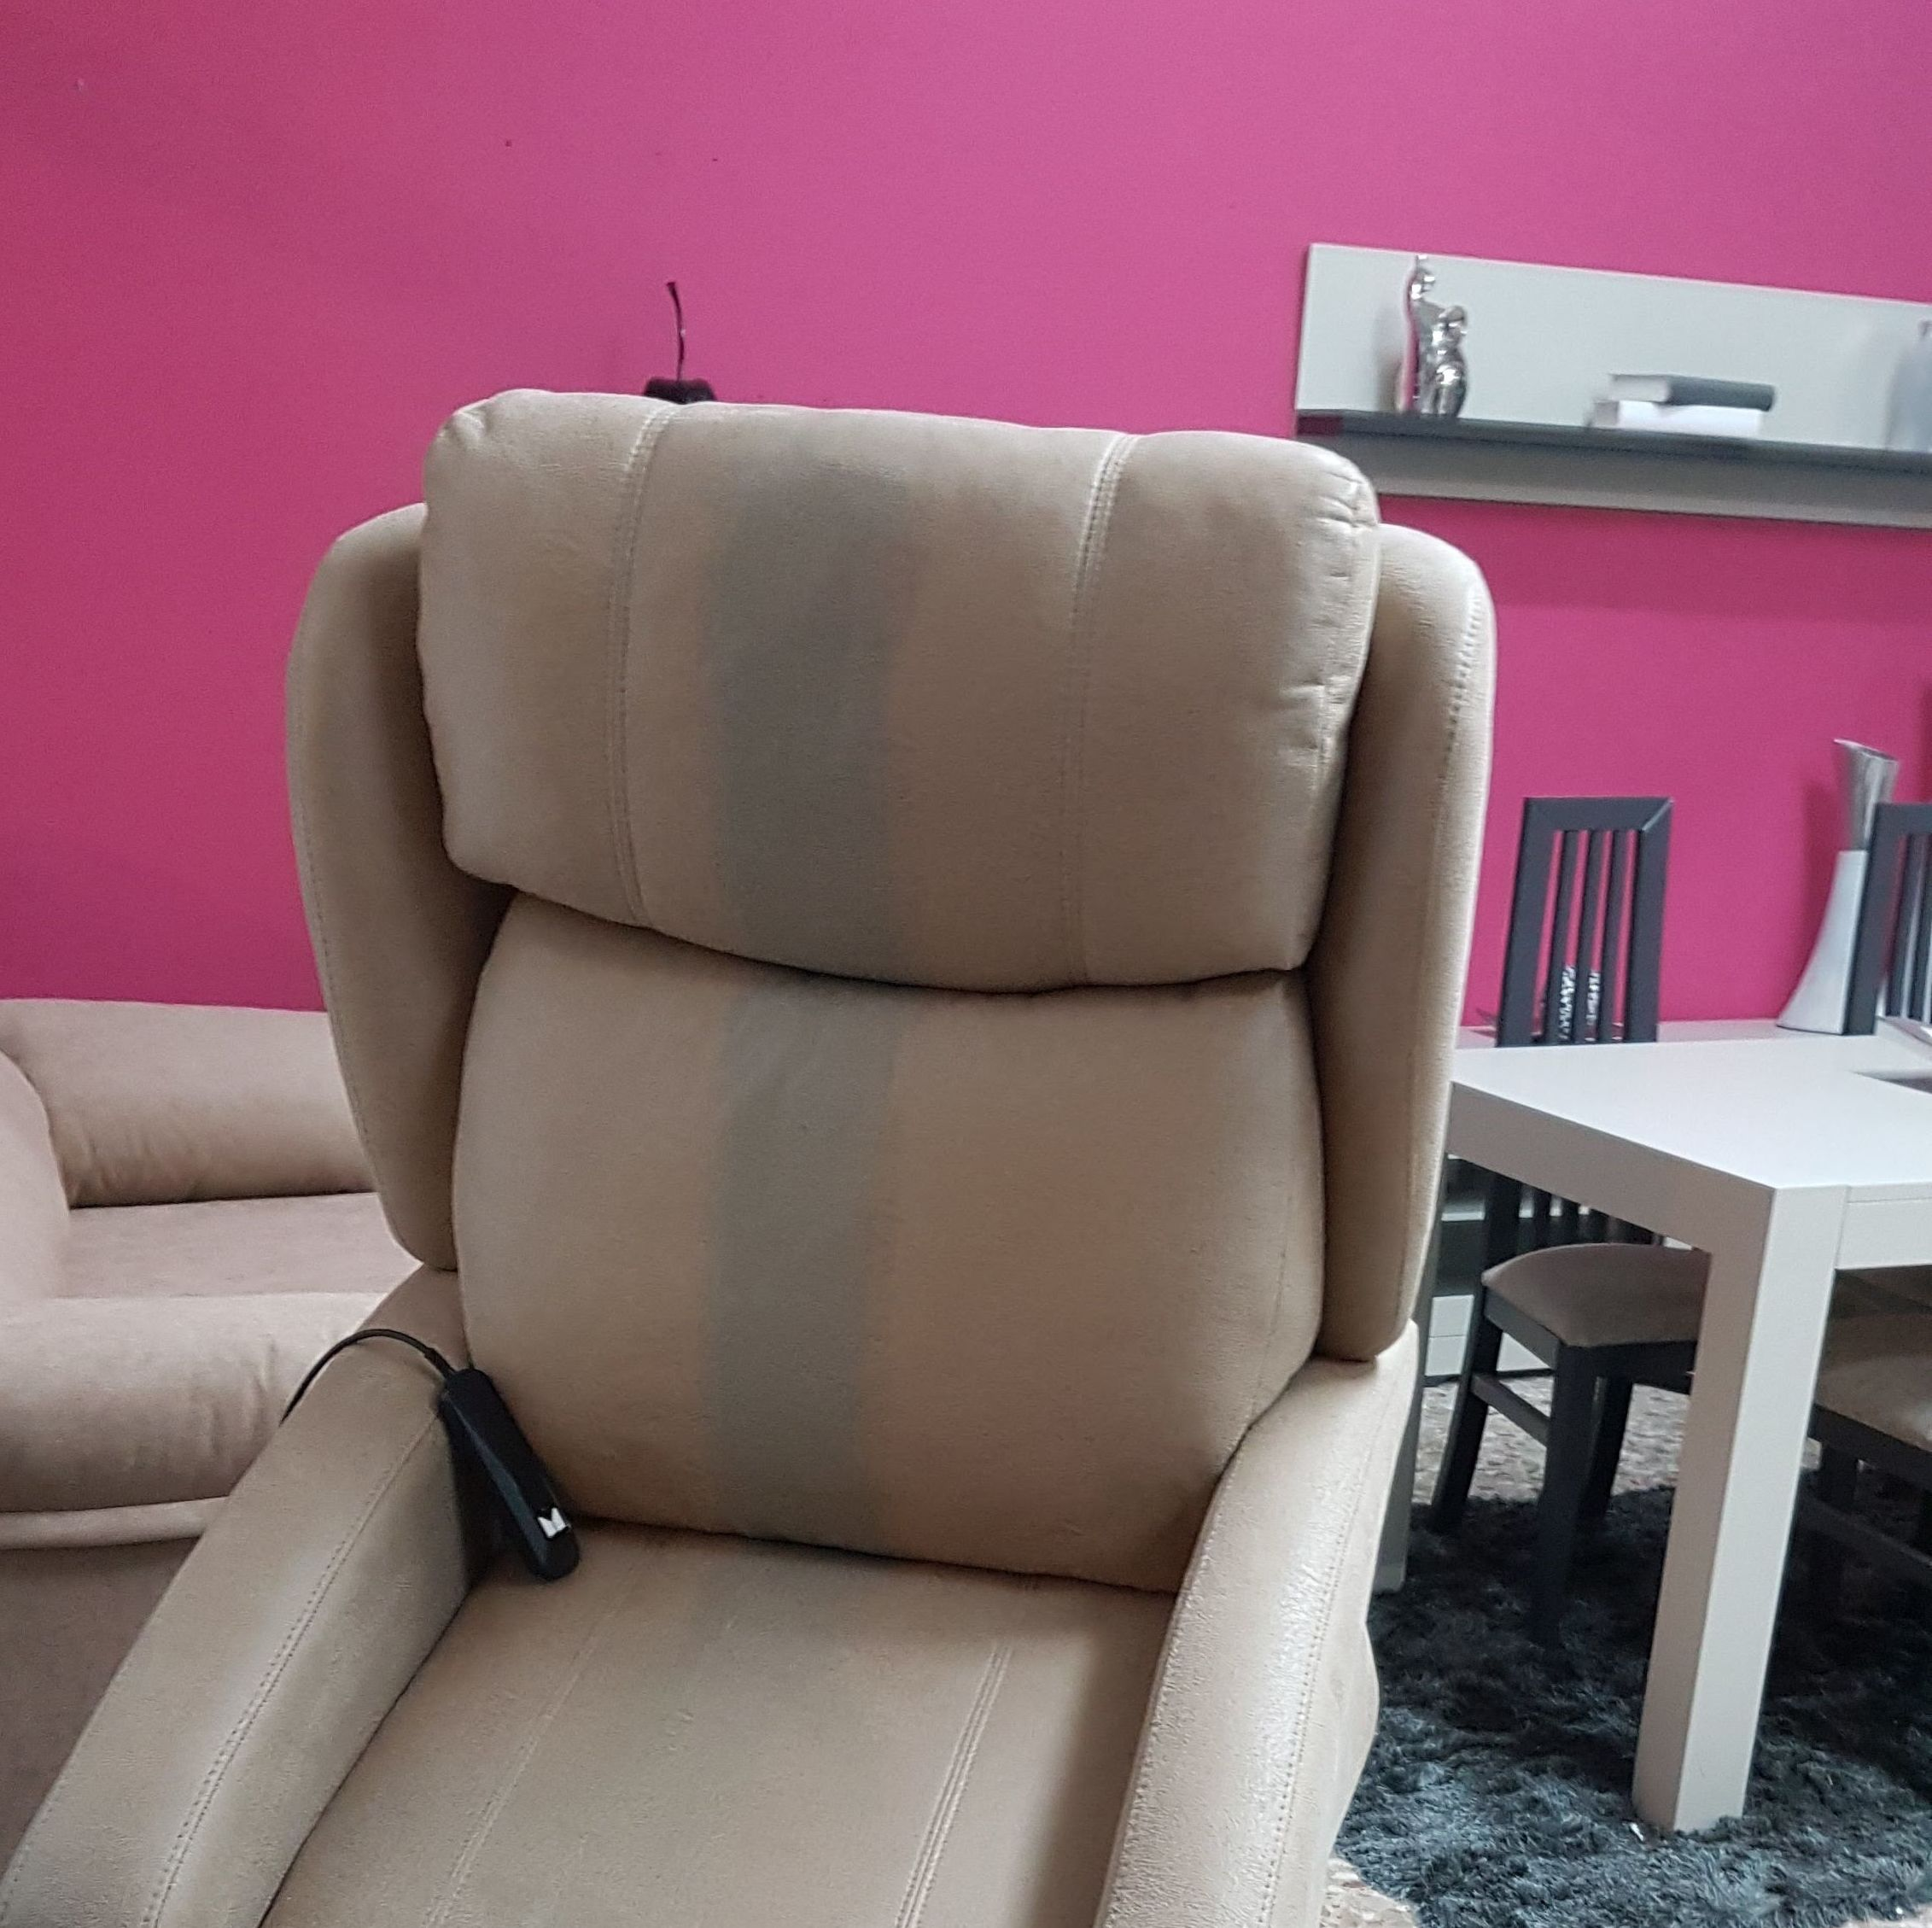 sillon relax motor puesta en pie : Productos  de Muebles Llueca, S. L.